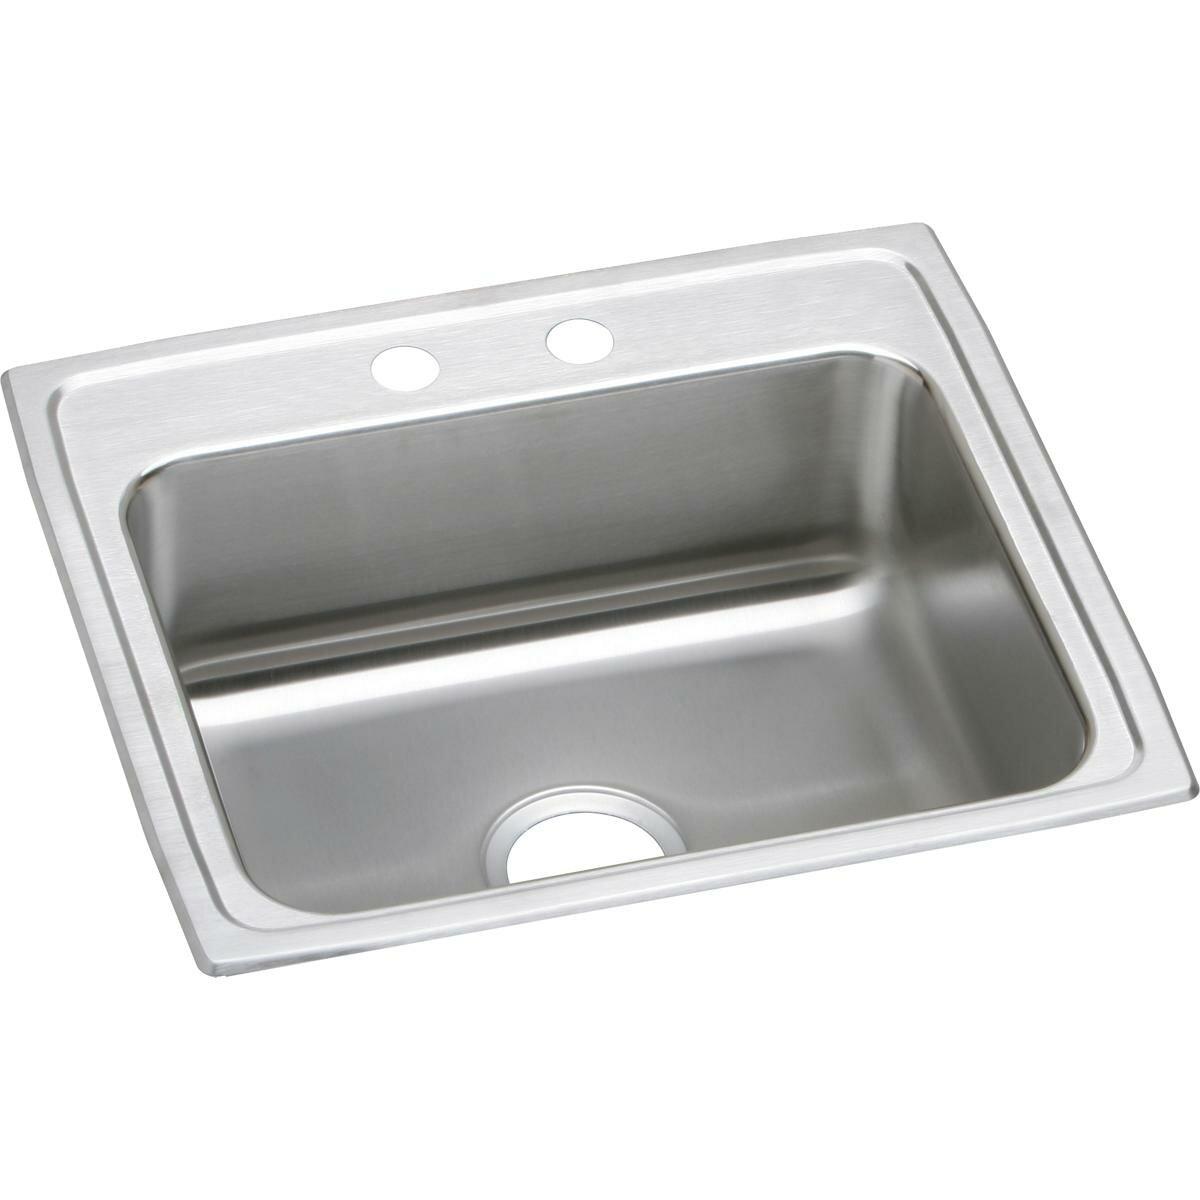 Elkay Lustertone 22 L X 20 W Drop In Kitchen Sink Wayfair